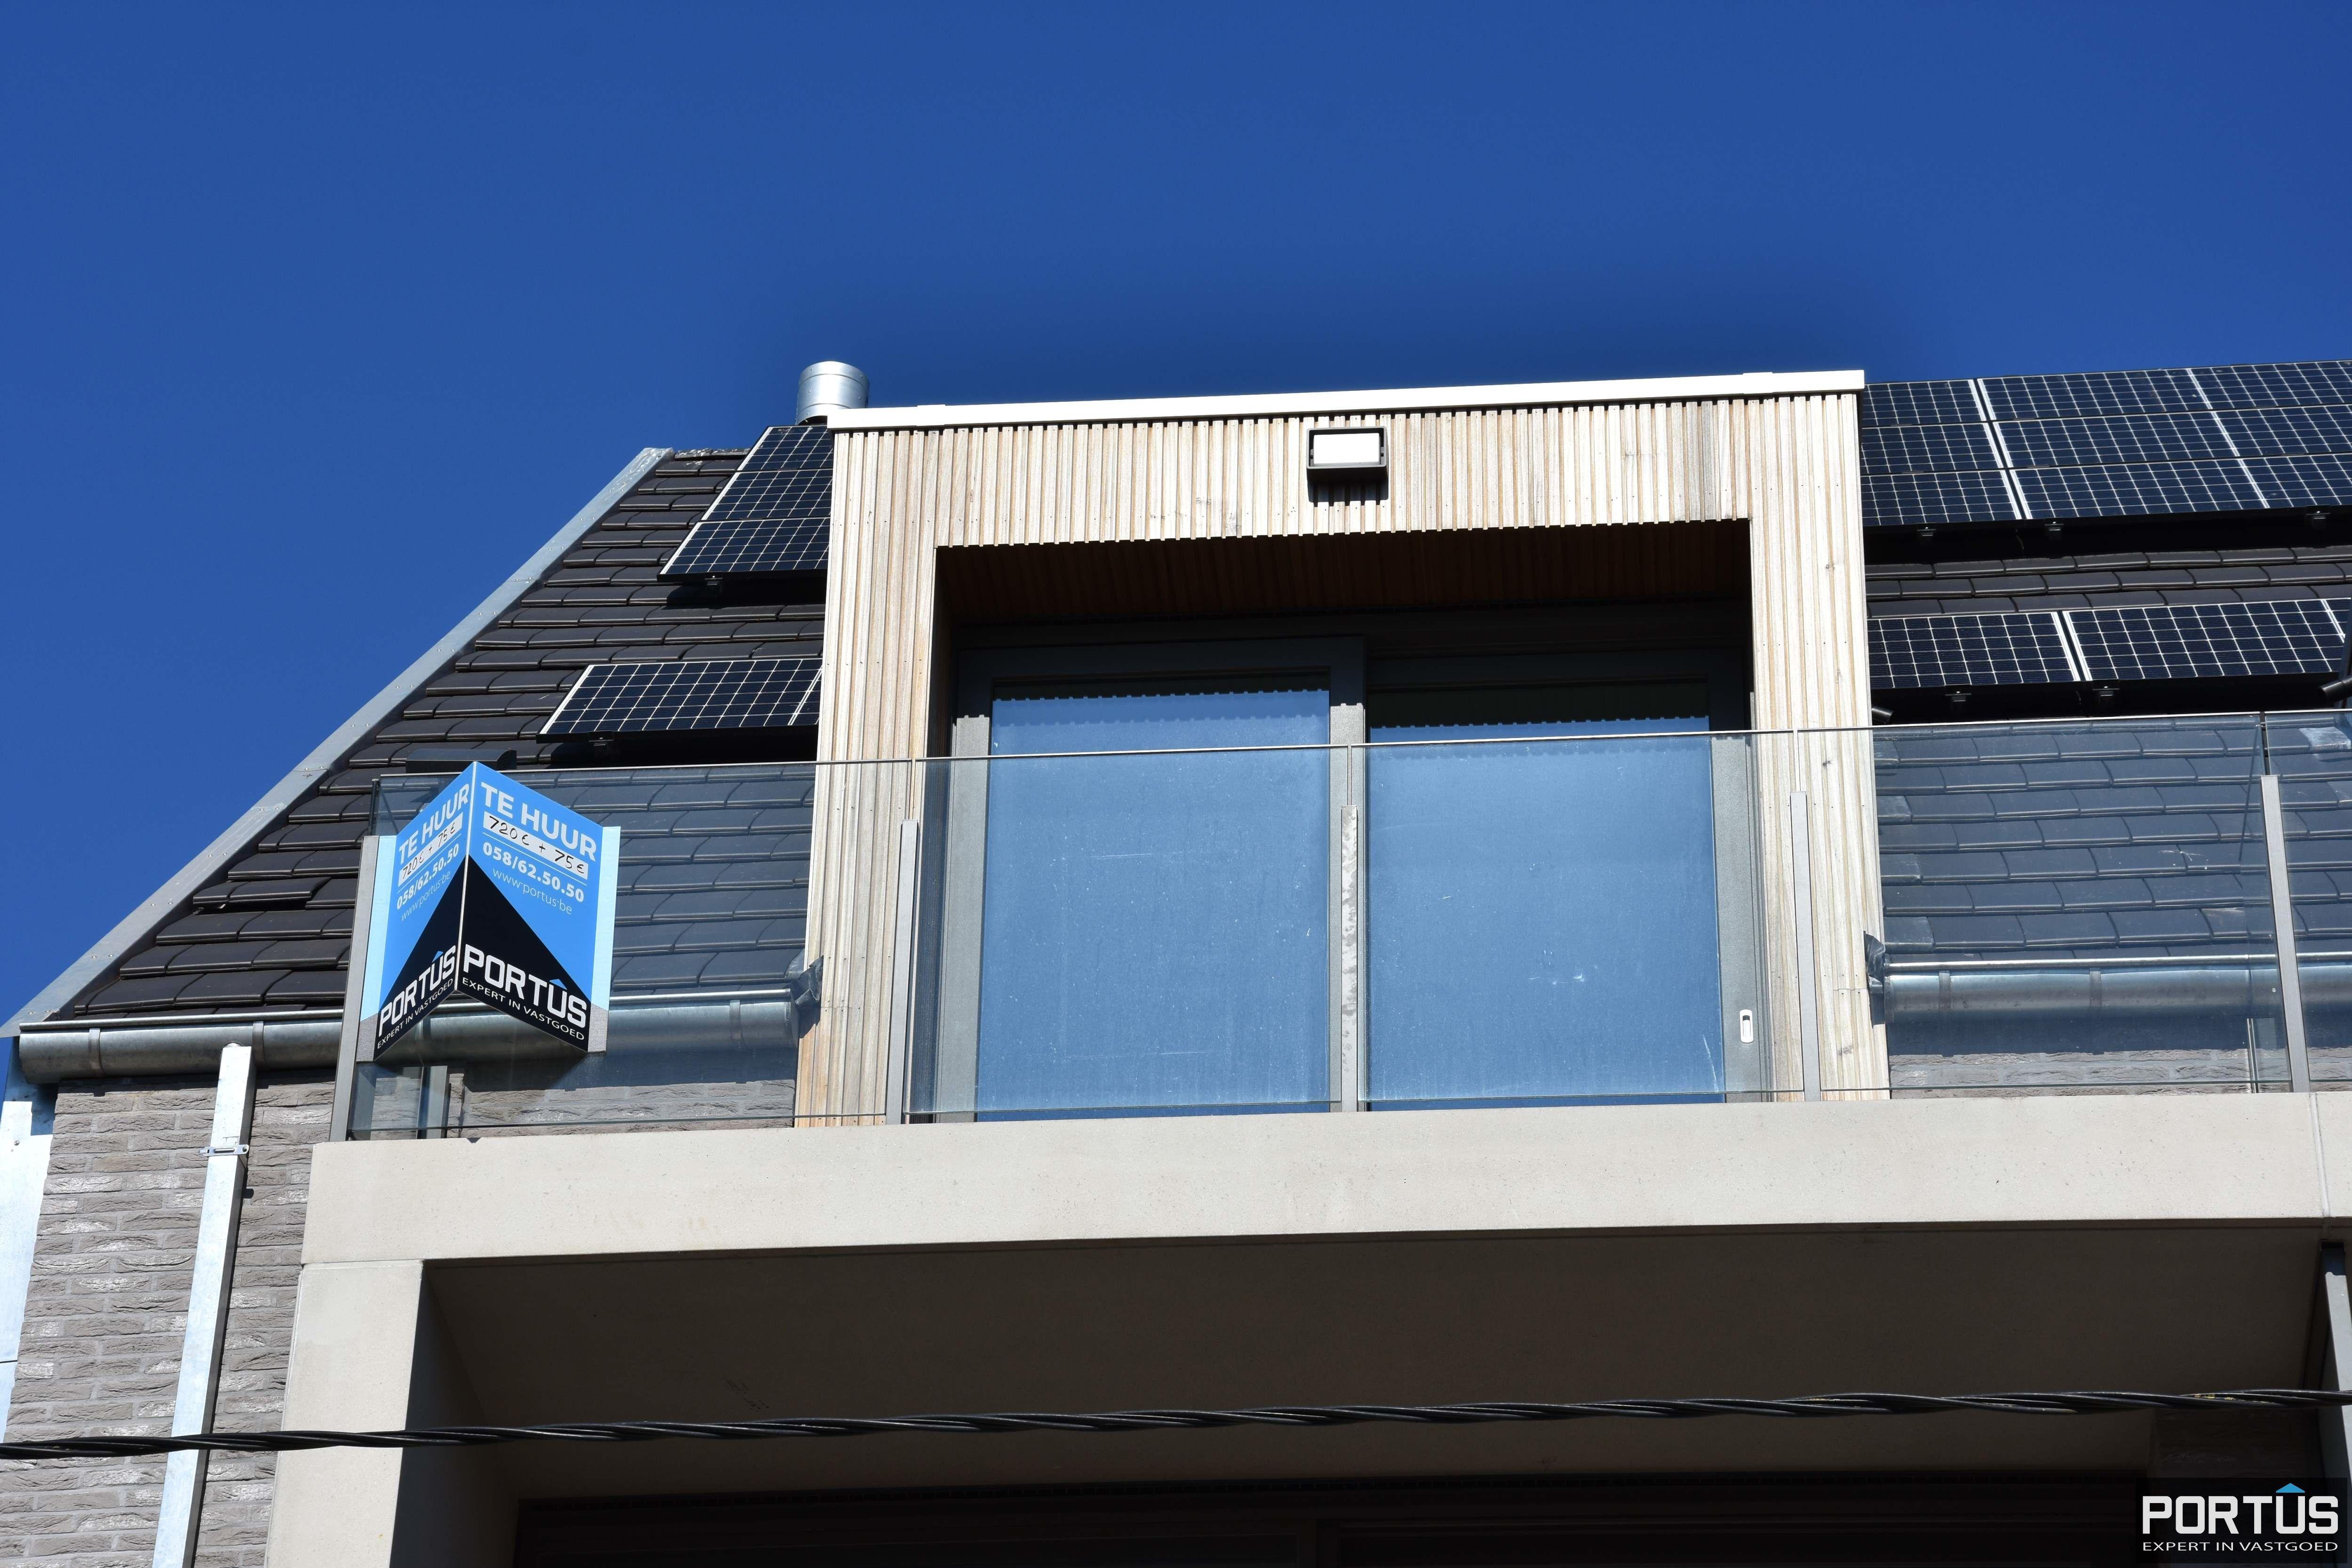 Nieuwbouw duplex-appartement met 2 slaapkamers te huur - 11002